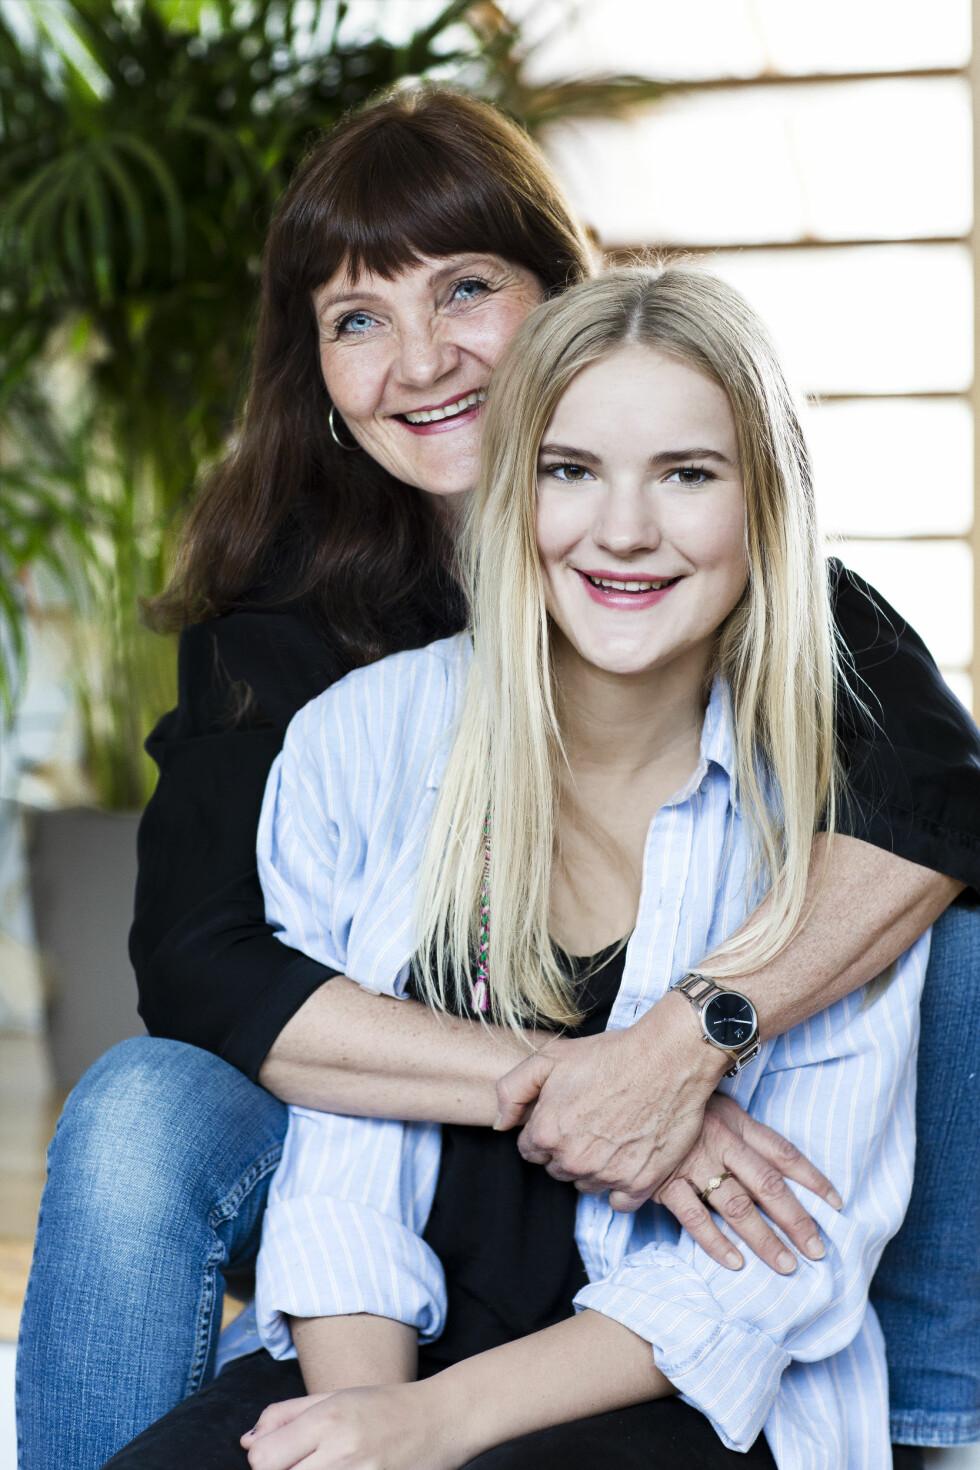 TID TIL EGNE TING: Hege er sikker på at detblir vemodig å følge datteren til flyplassen når hun flytter til New Zealand, men hun har nok å fylle tiden med hjemme. Foto: Astrid Waller